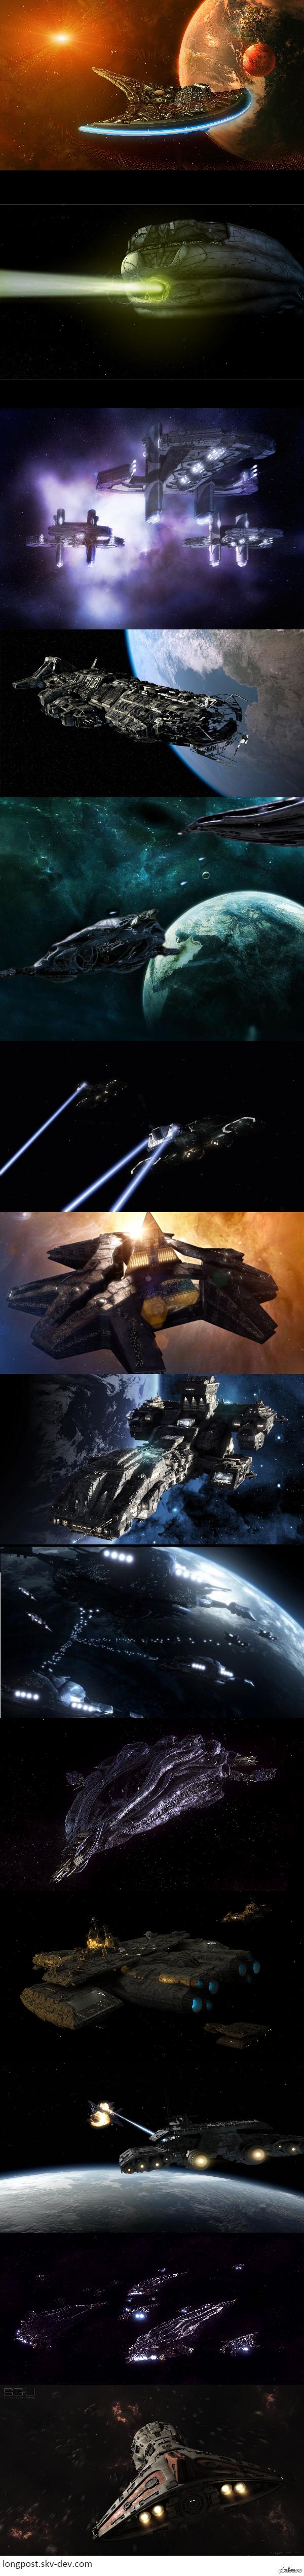 Для фанатов ЗВ :) Решил сделать свой первый длиннопост небольшой подборкой космических кораблей из вселенной звездных врат ;)